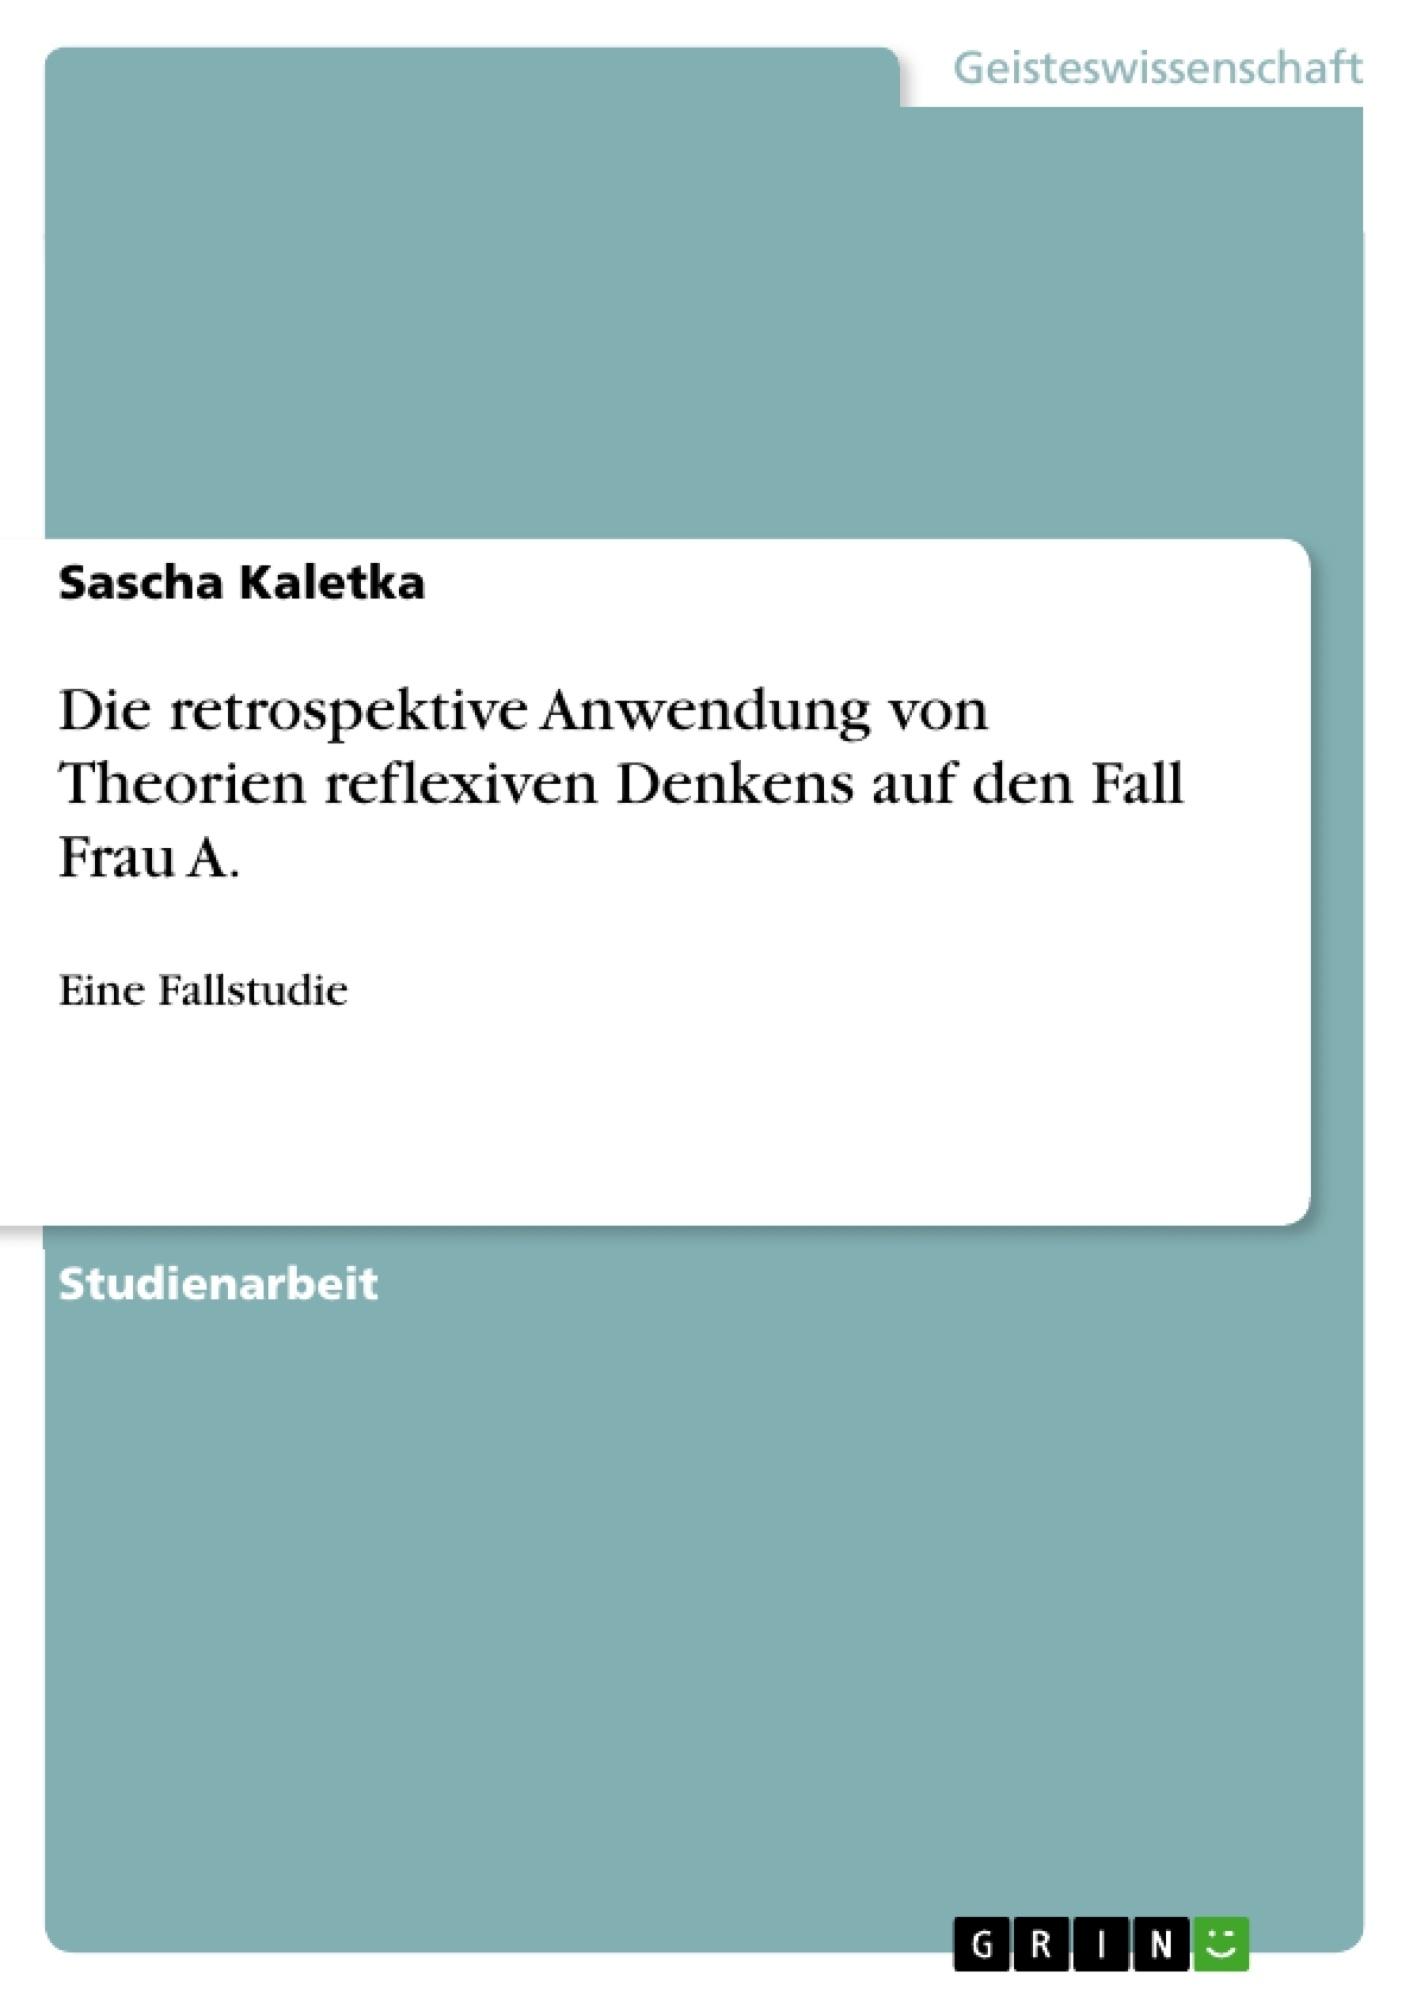 Titel: Die retrospektive Anwendung von Theorien reflexiven Denkens auf den Fall Frau A.